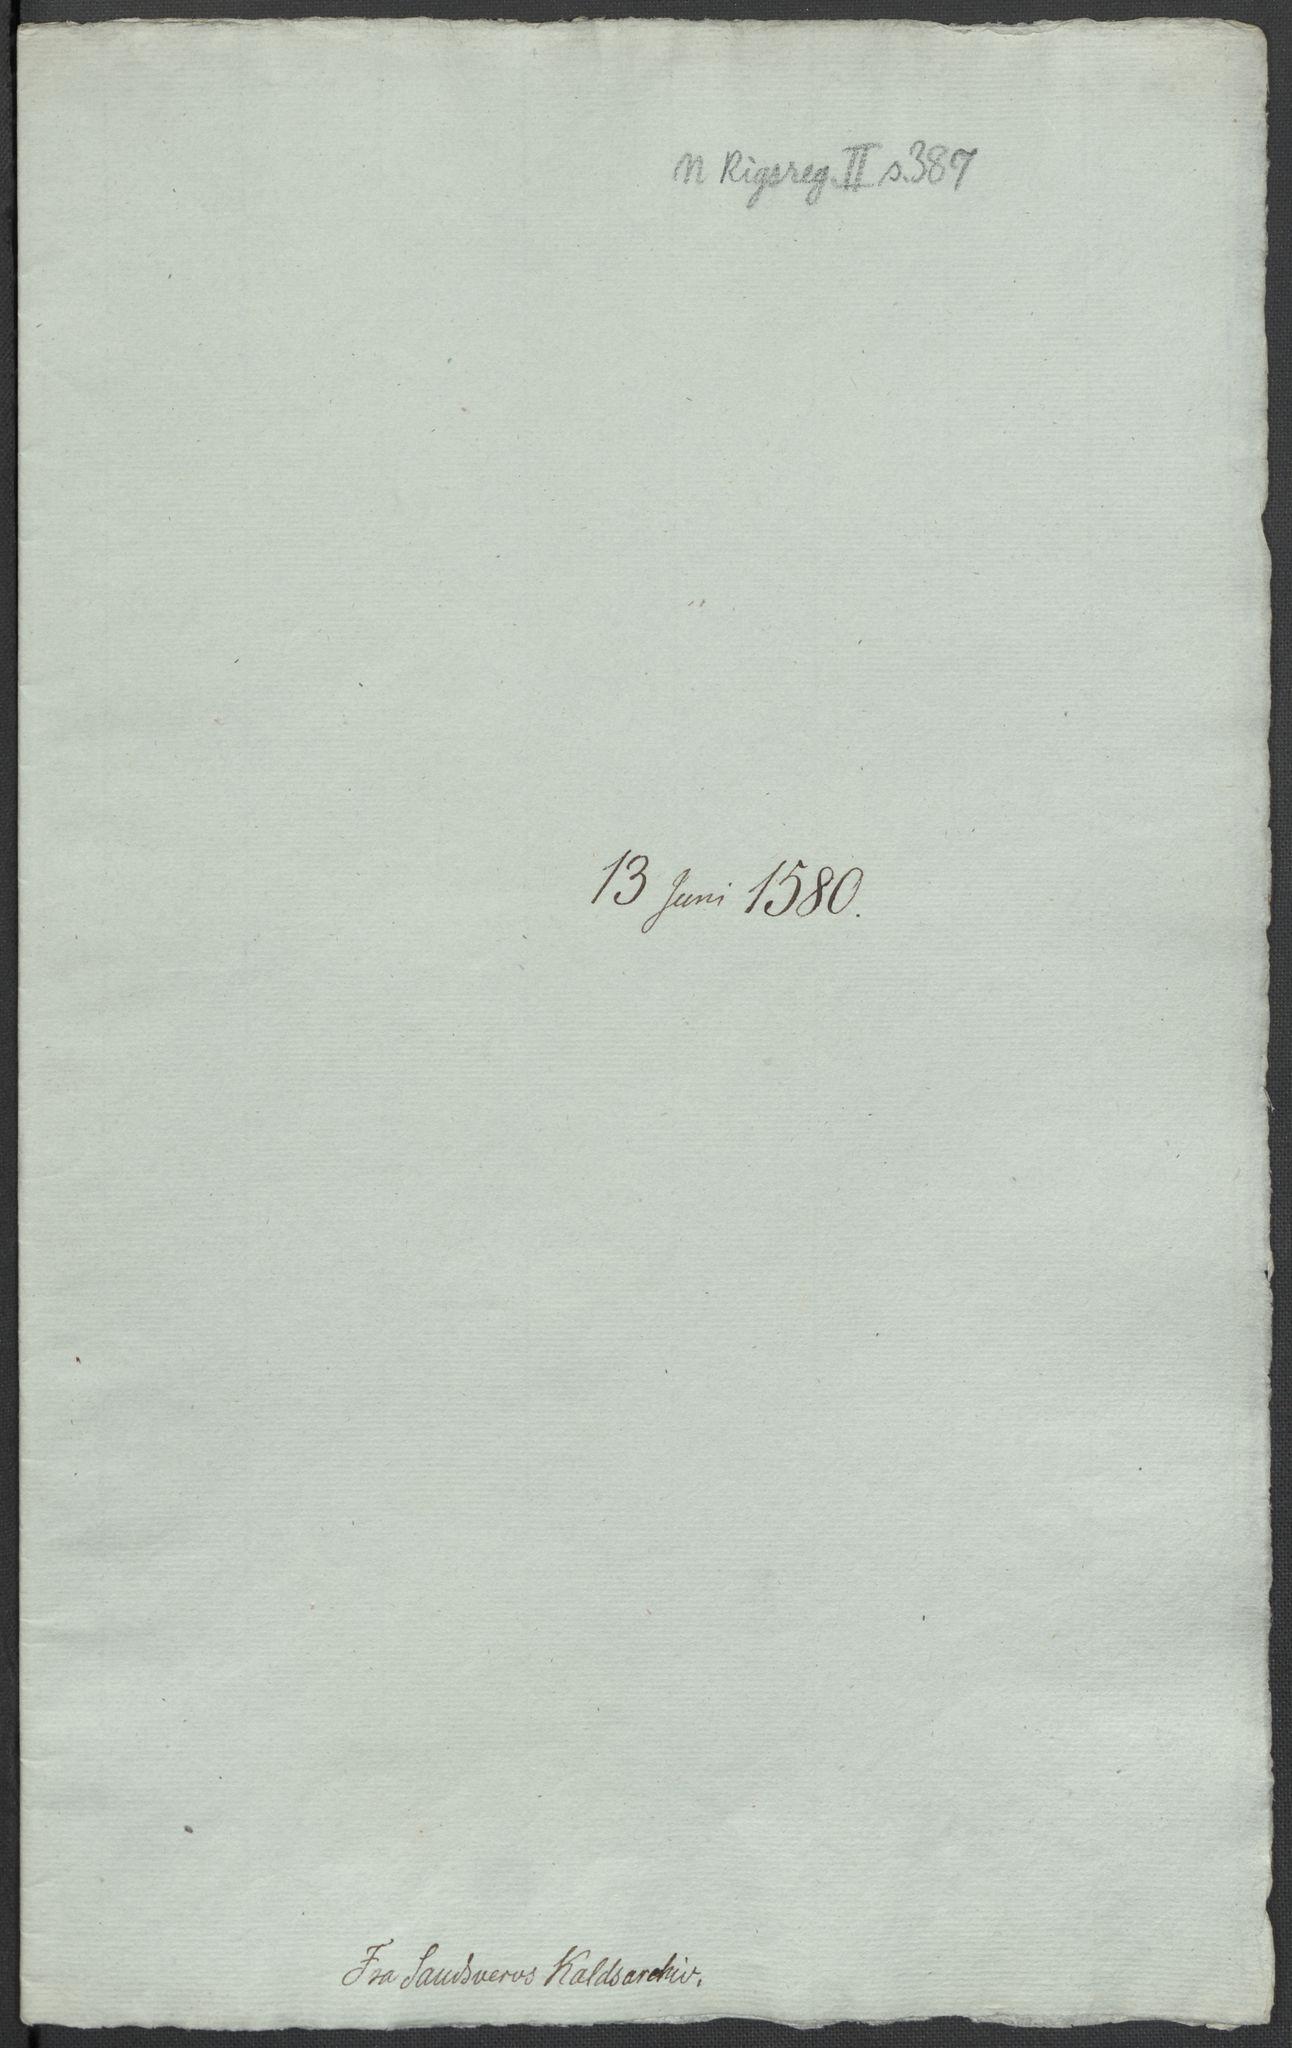 RA, Riksarkivets diplomsamling, F02/L0082: Dokumenter, 1580, s. 26